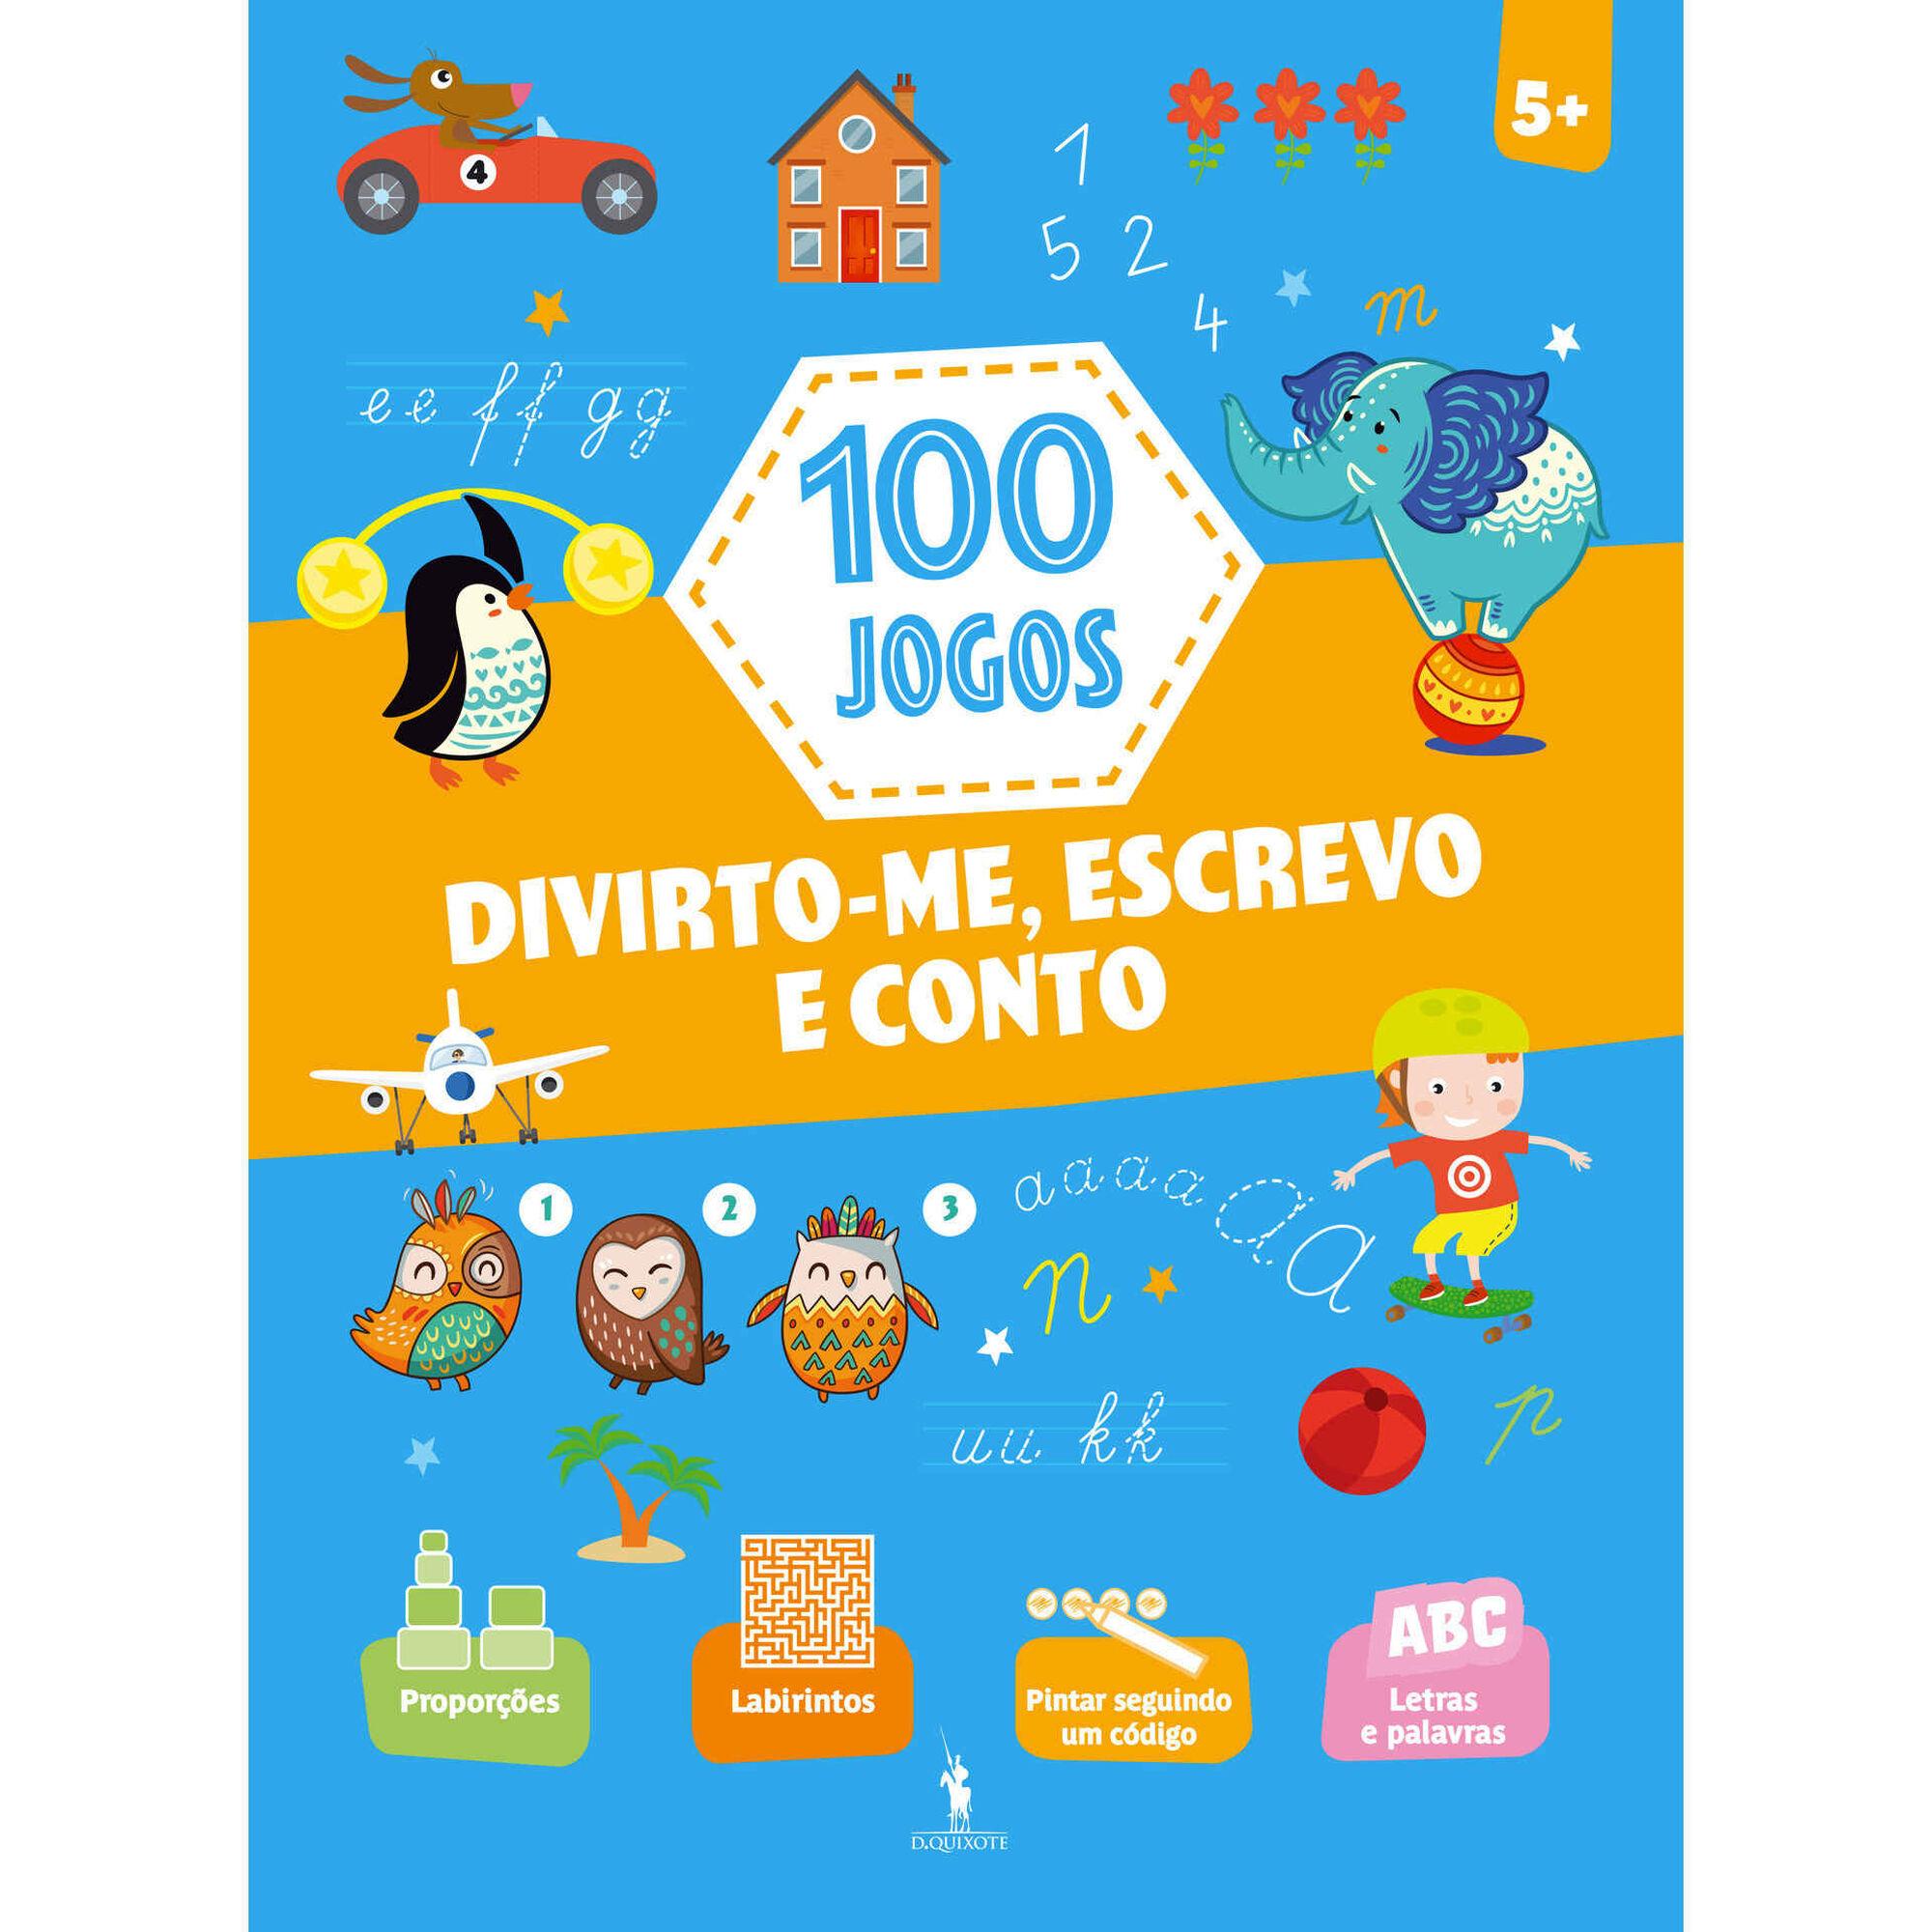 100 Jogos - Divirto-me, Escrevo e Conto